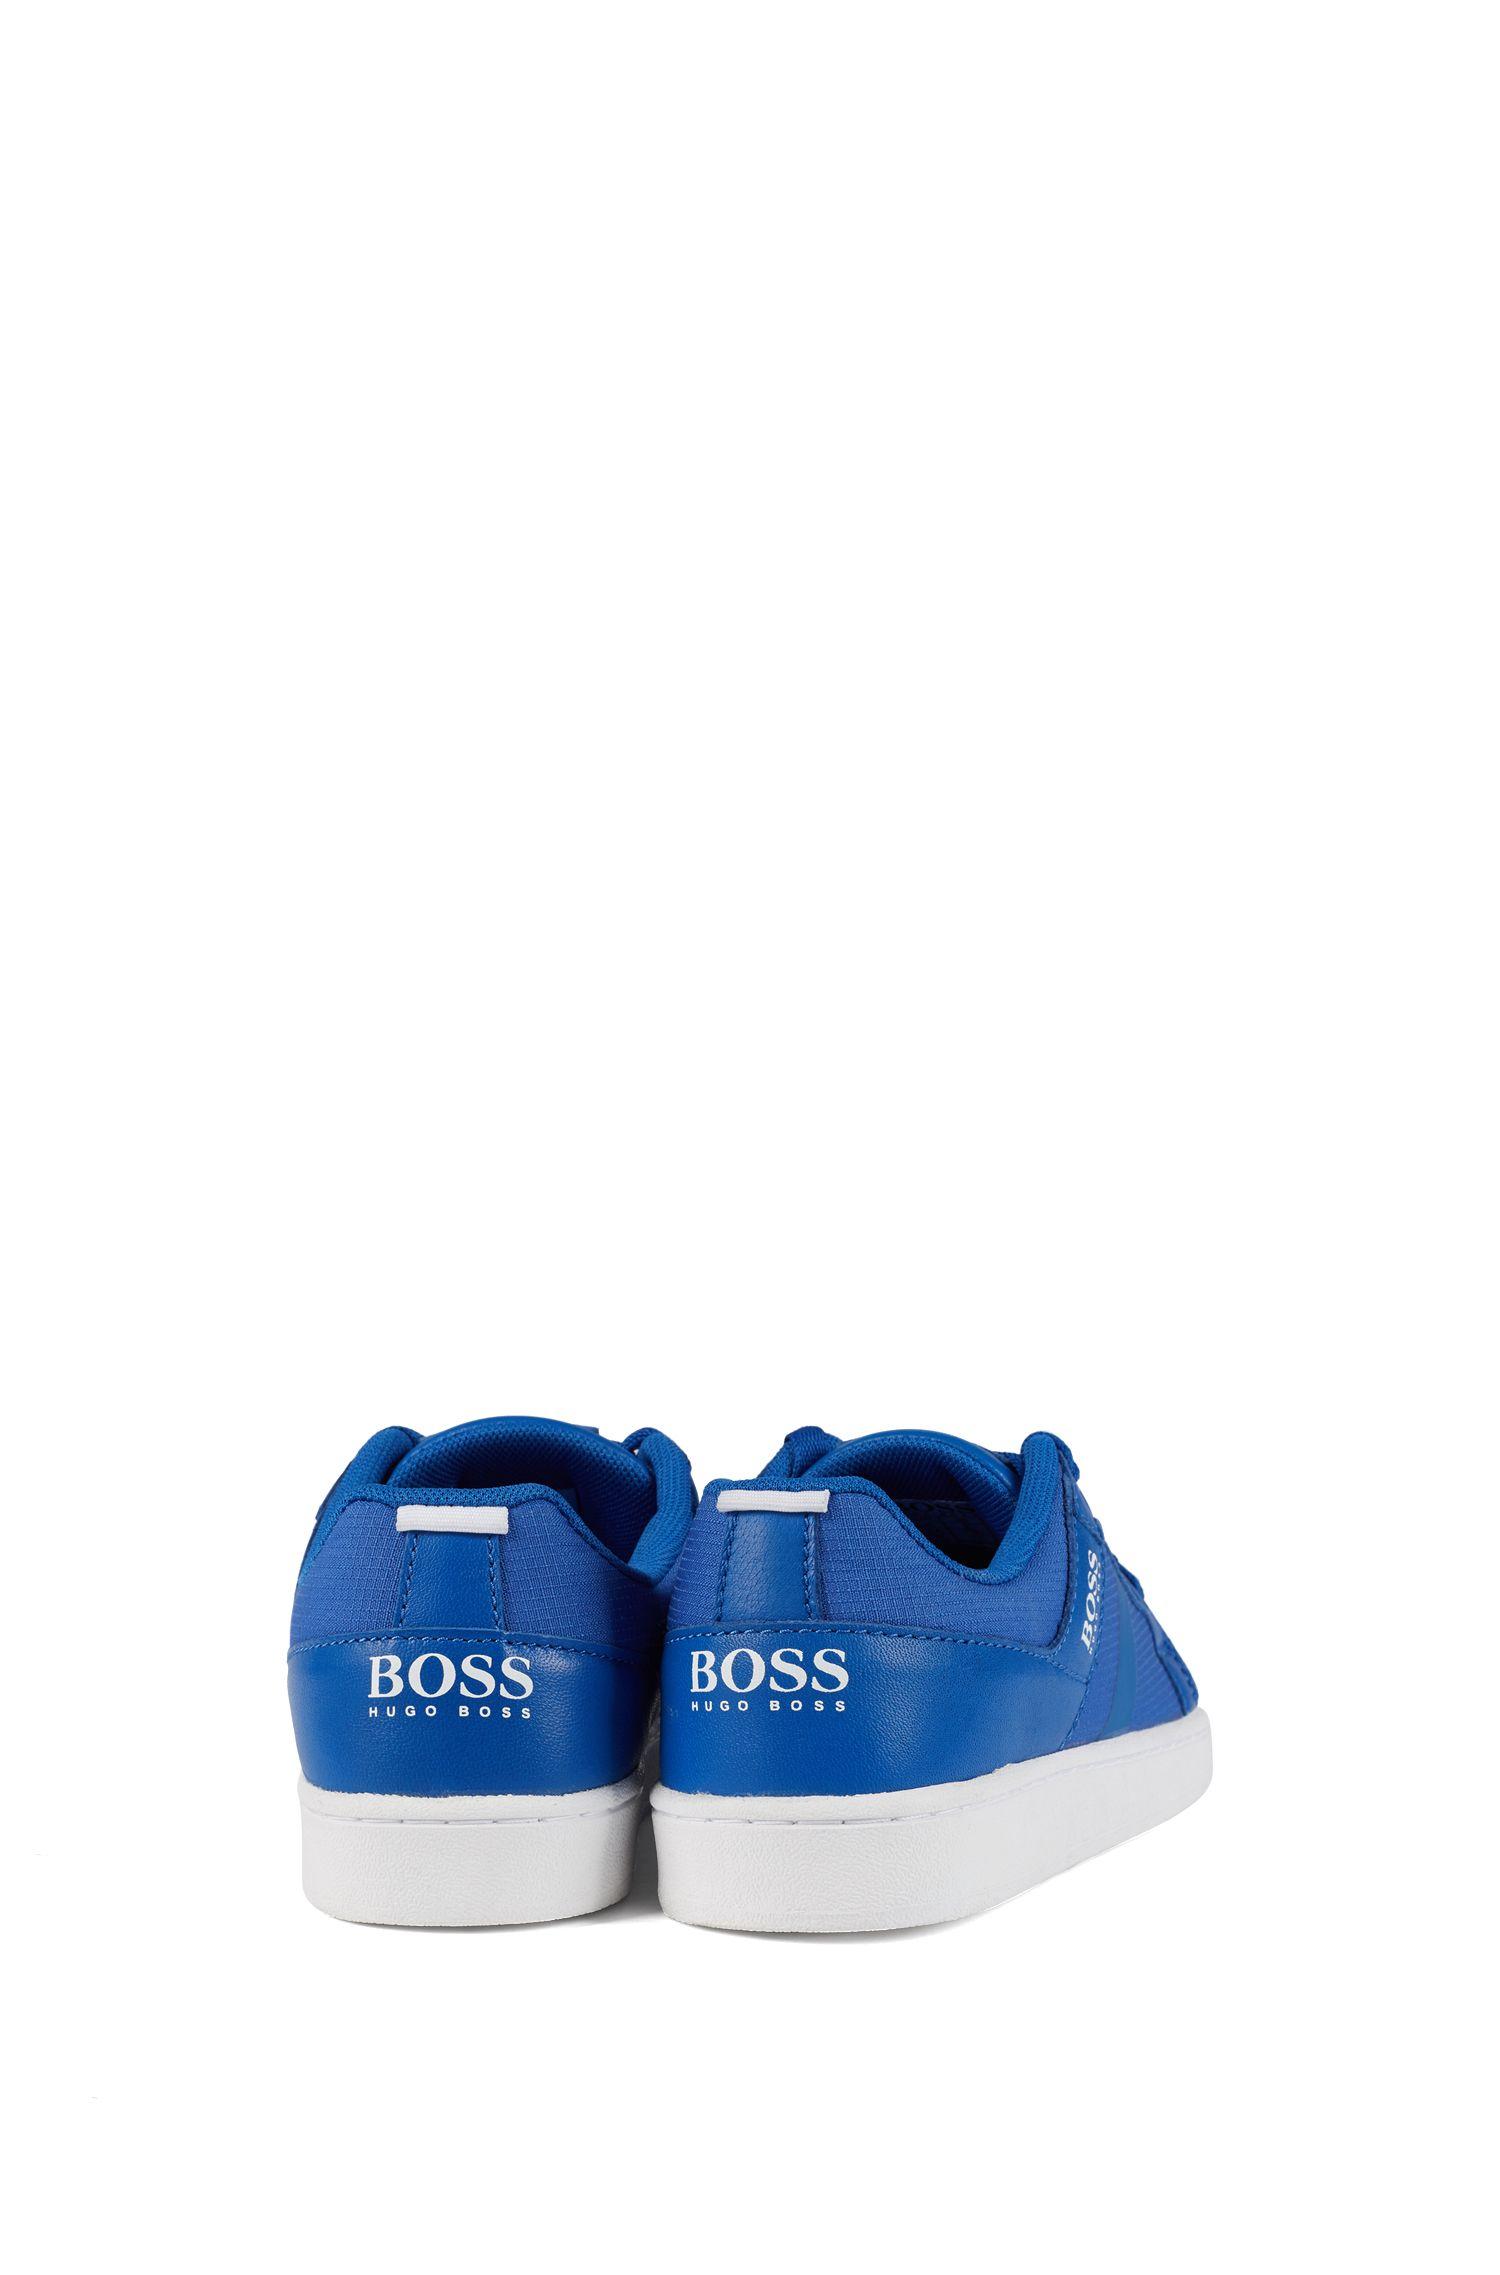 Baskets basses pour enfant en cuir et tissu technique ripstop, Bleu